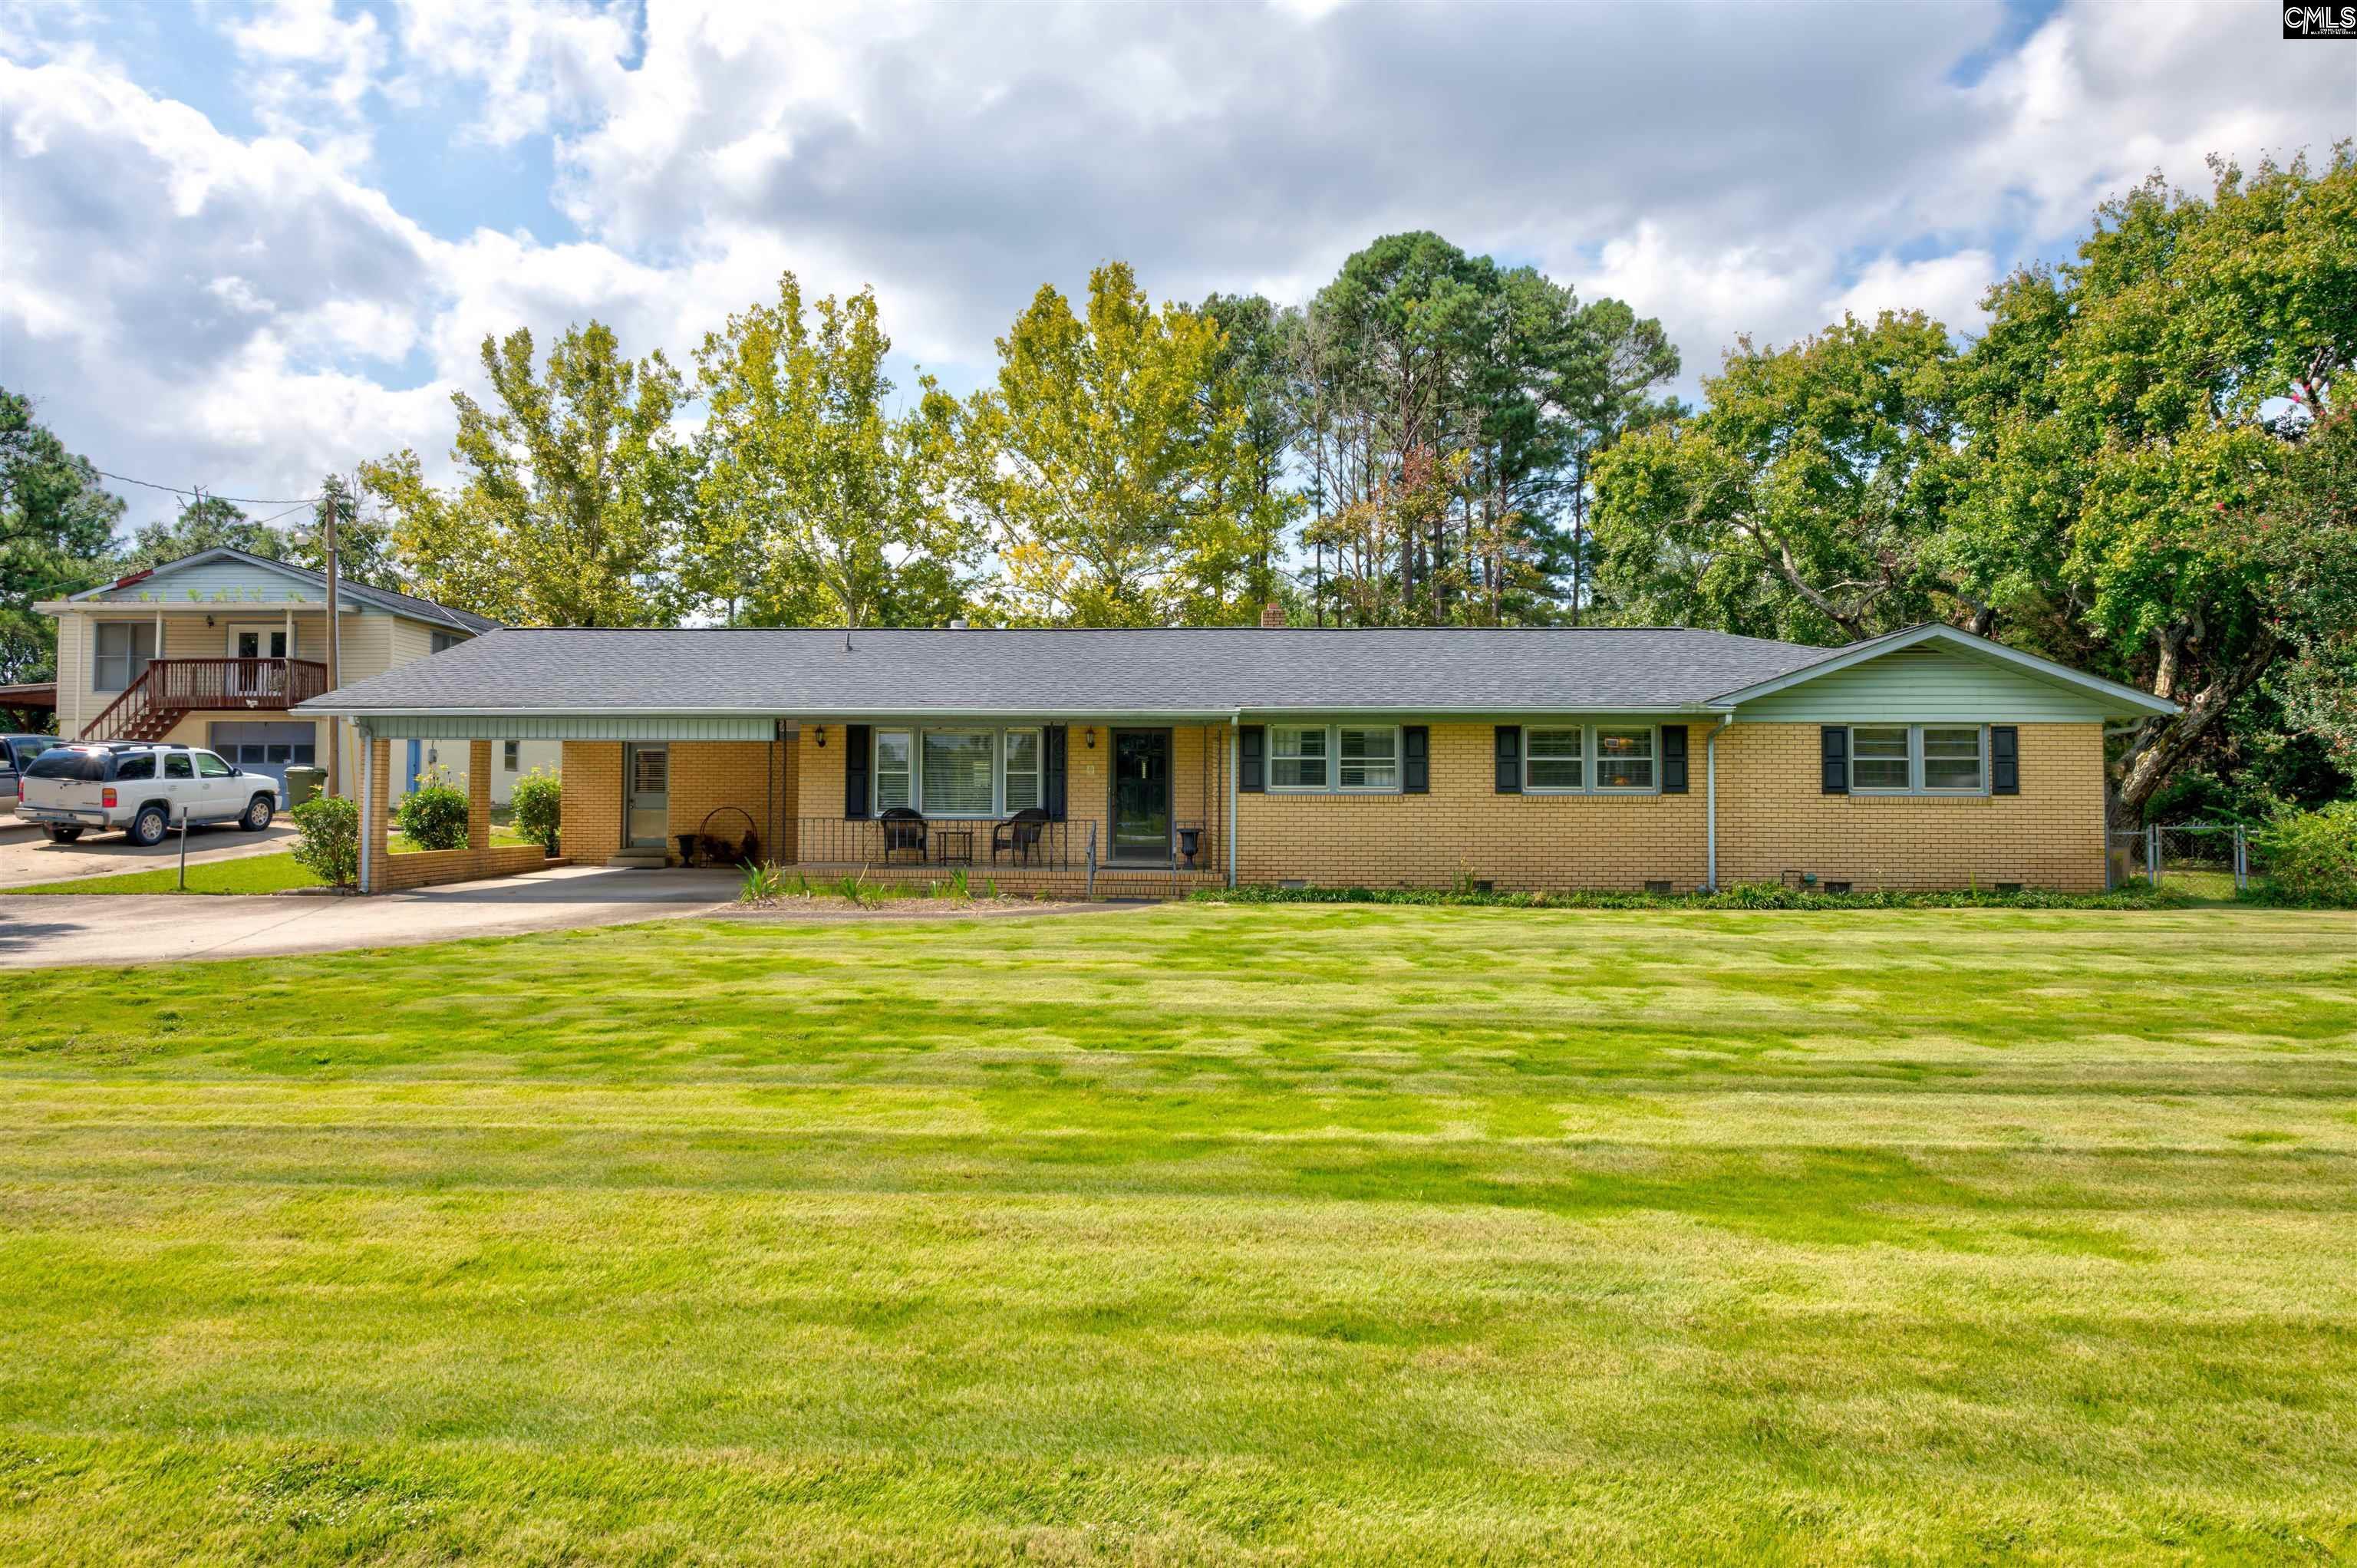 450 Spears Creek Church Road Elgin, SC 29045